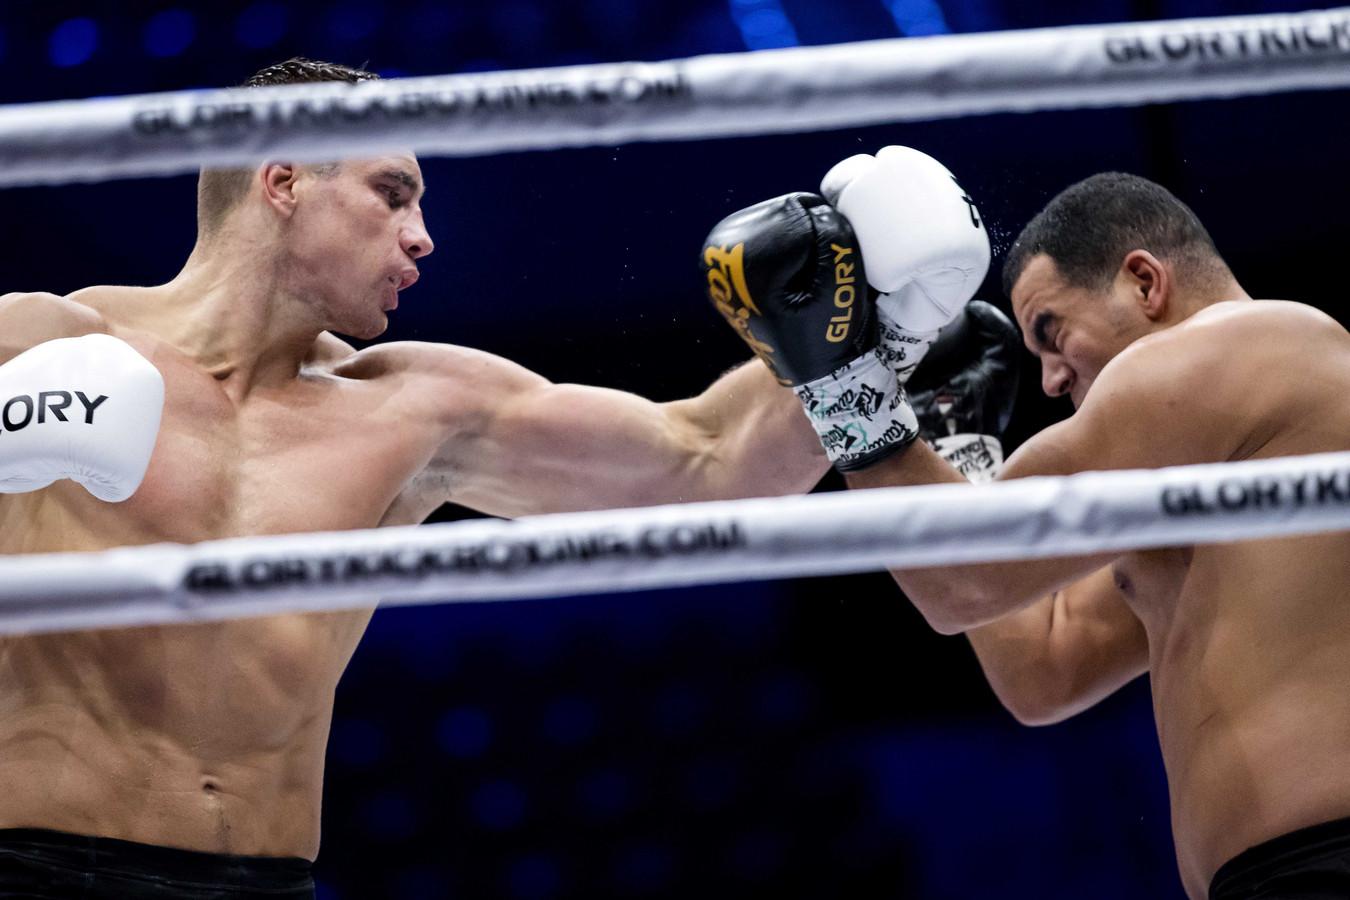 Kickbokser Rico Verhoeven en Tarik Khbabez tijdens de finale van Glory 77.